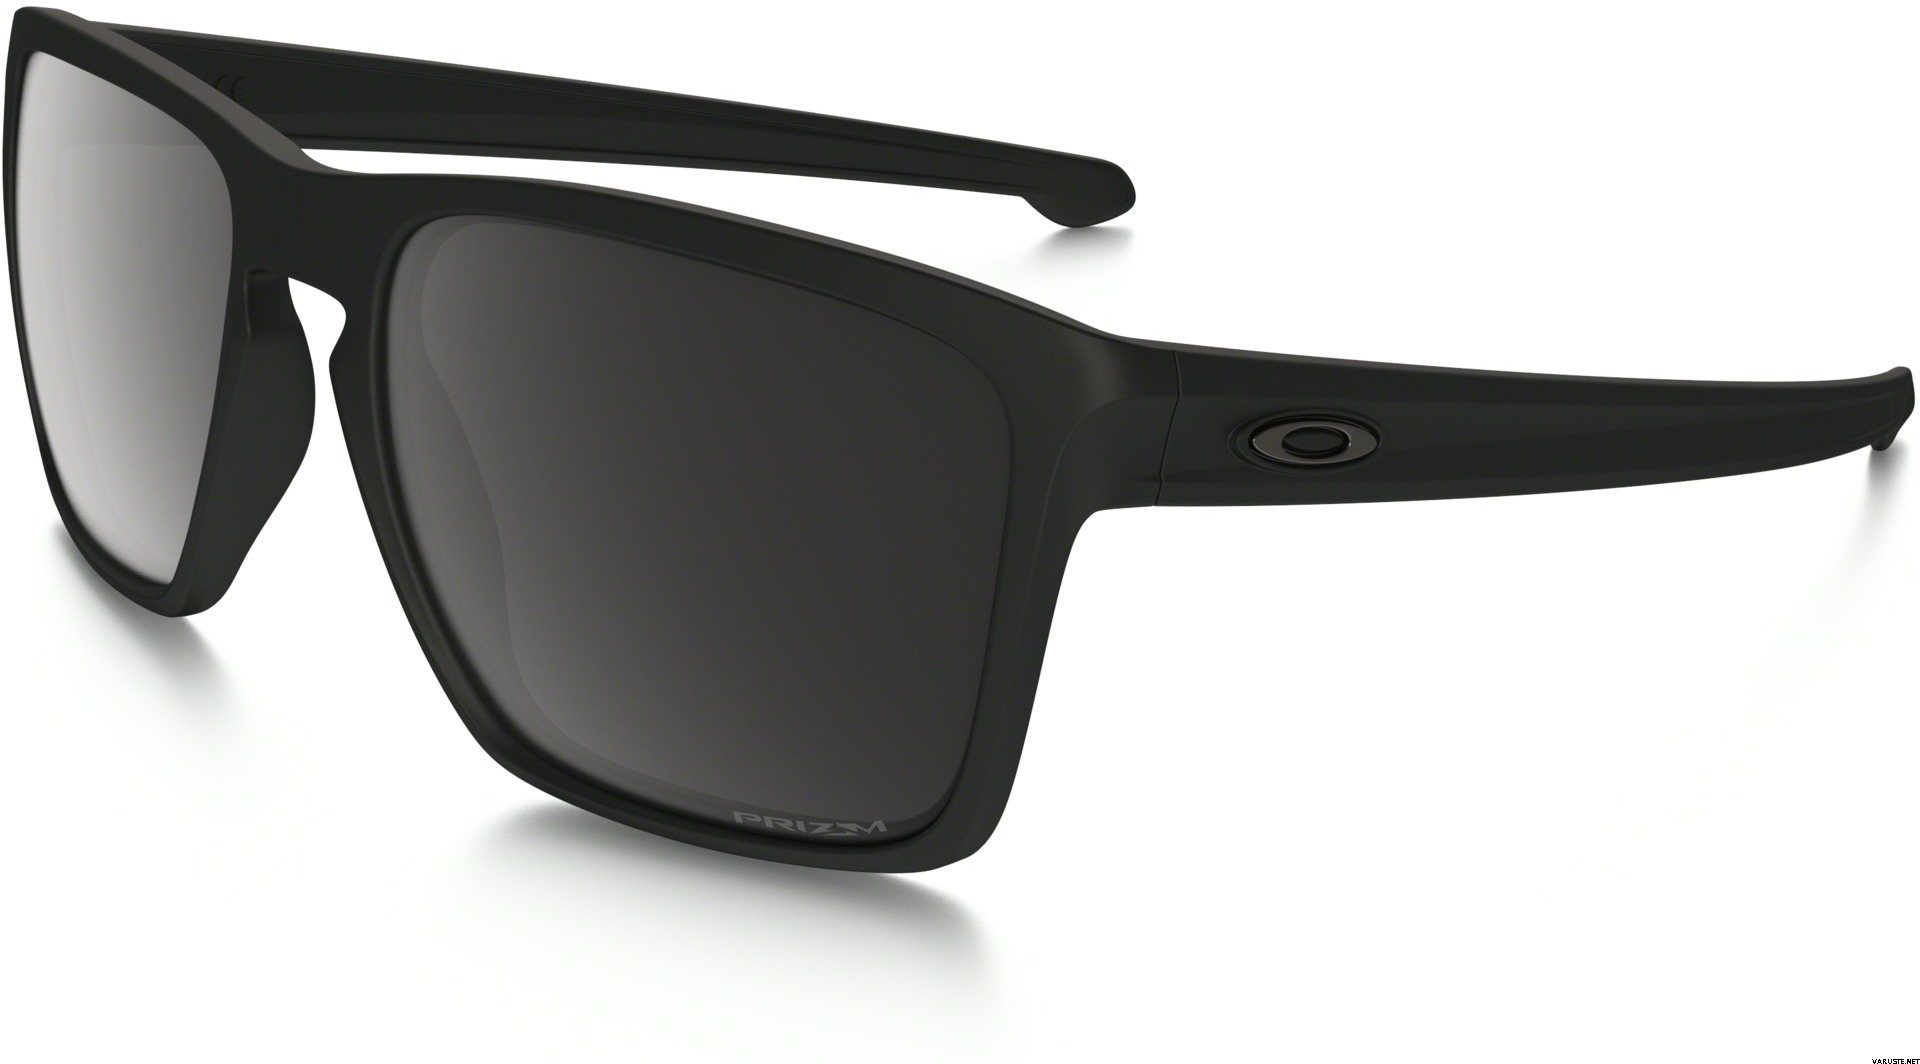 b0a9814f5d Oakley Sliver XL